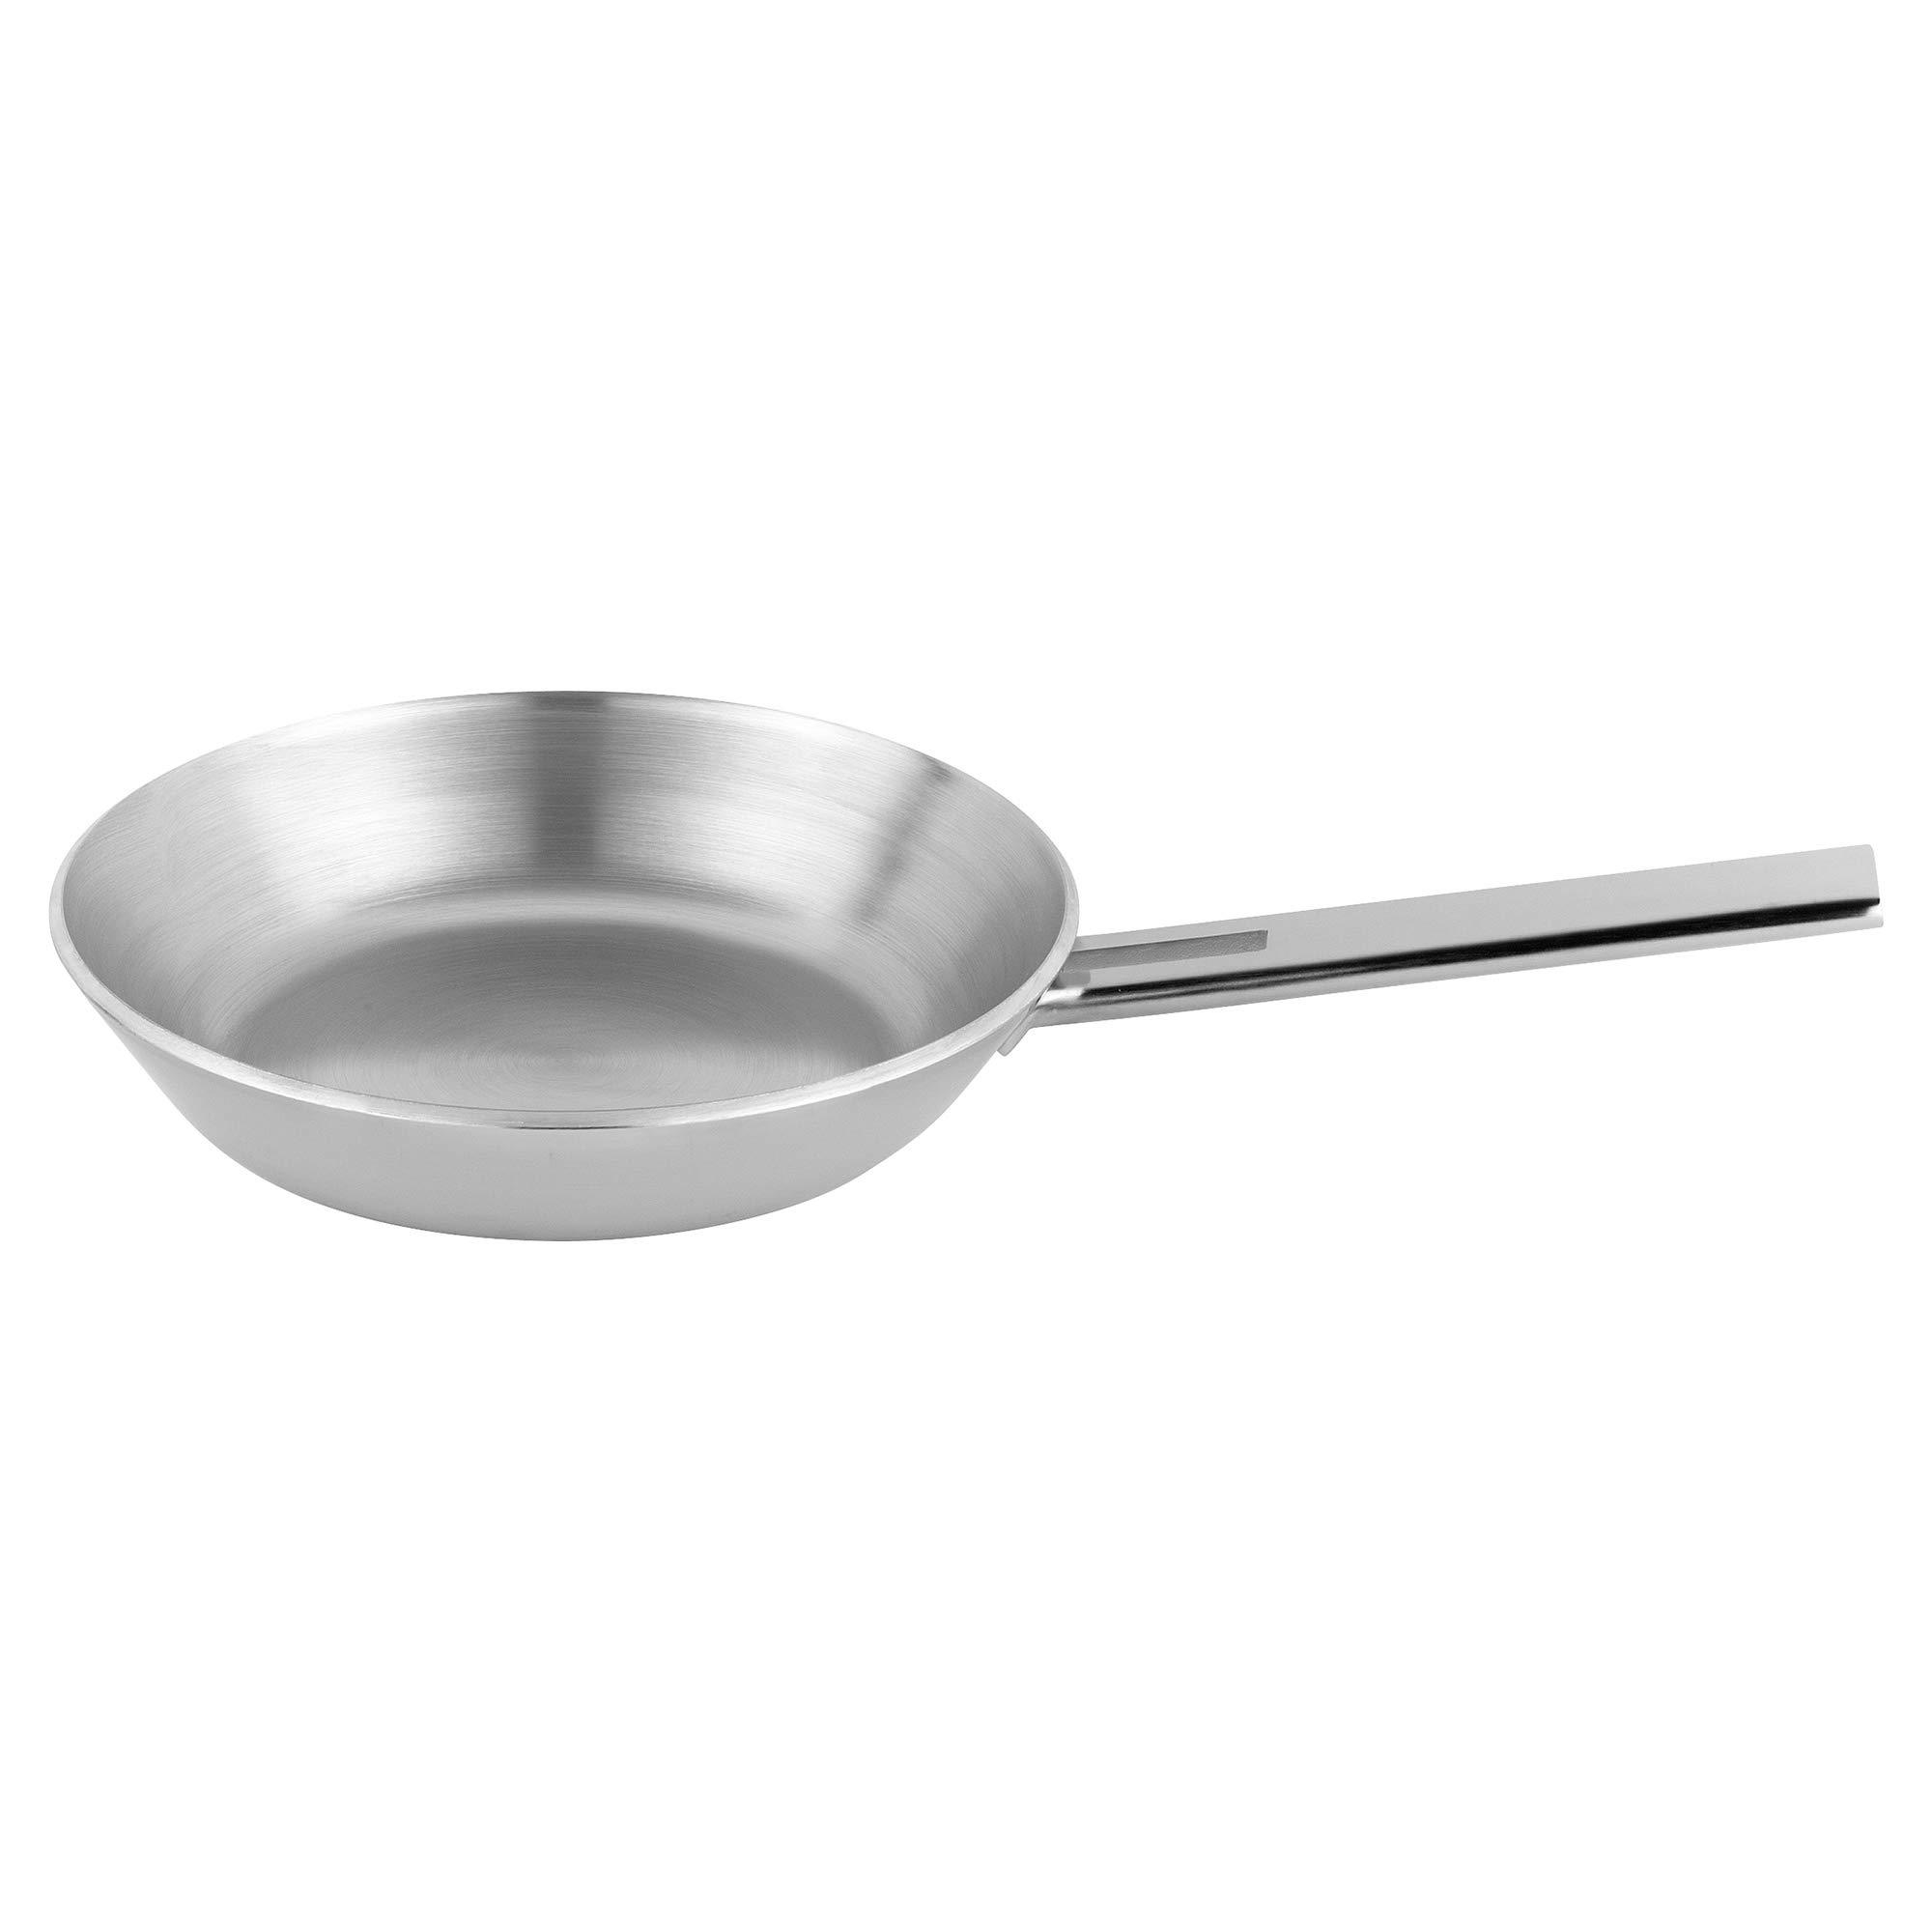 Demeyere John Pawson Frying Pan, Silver